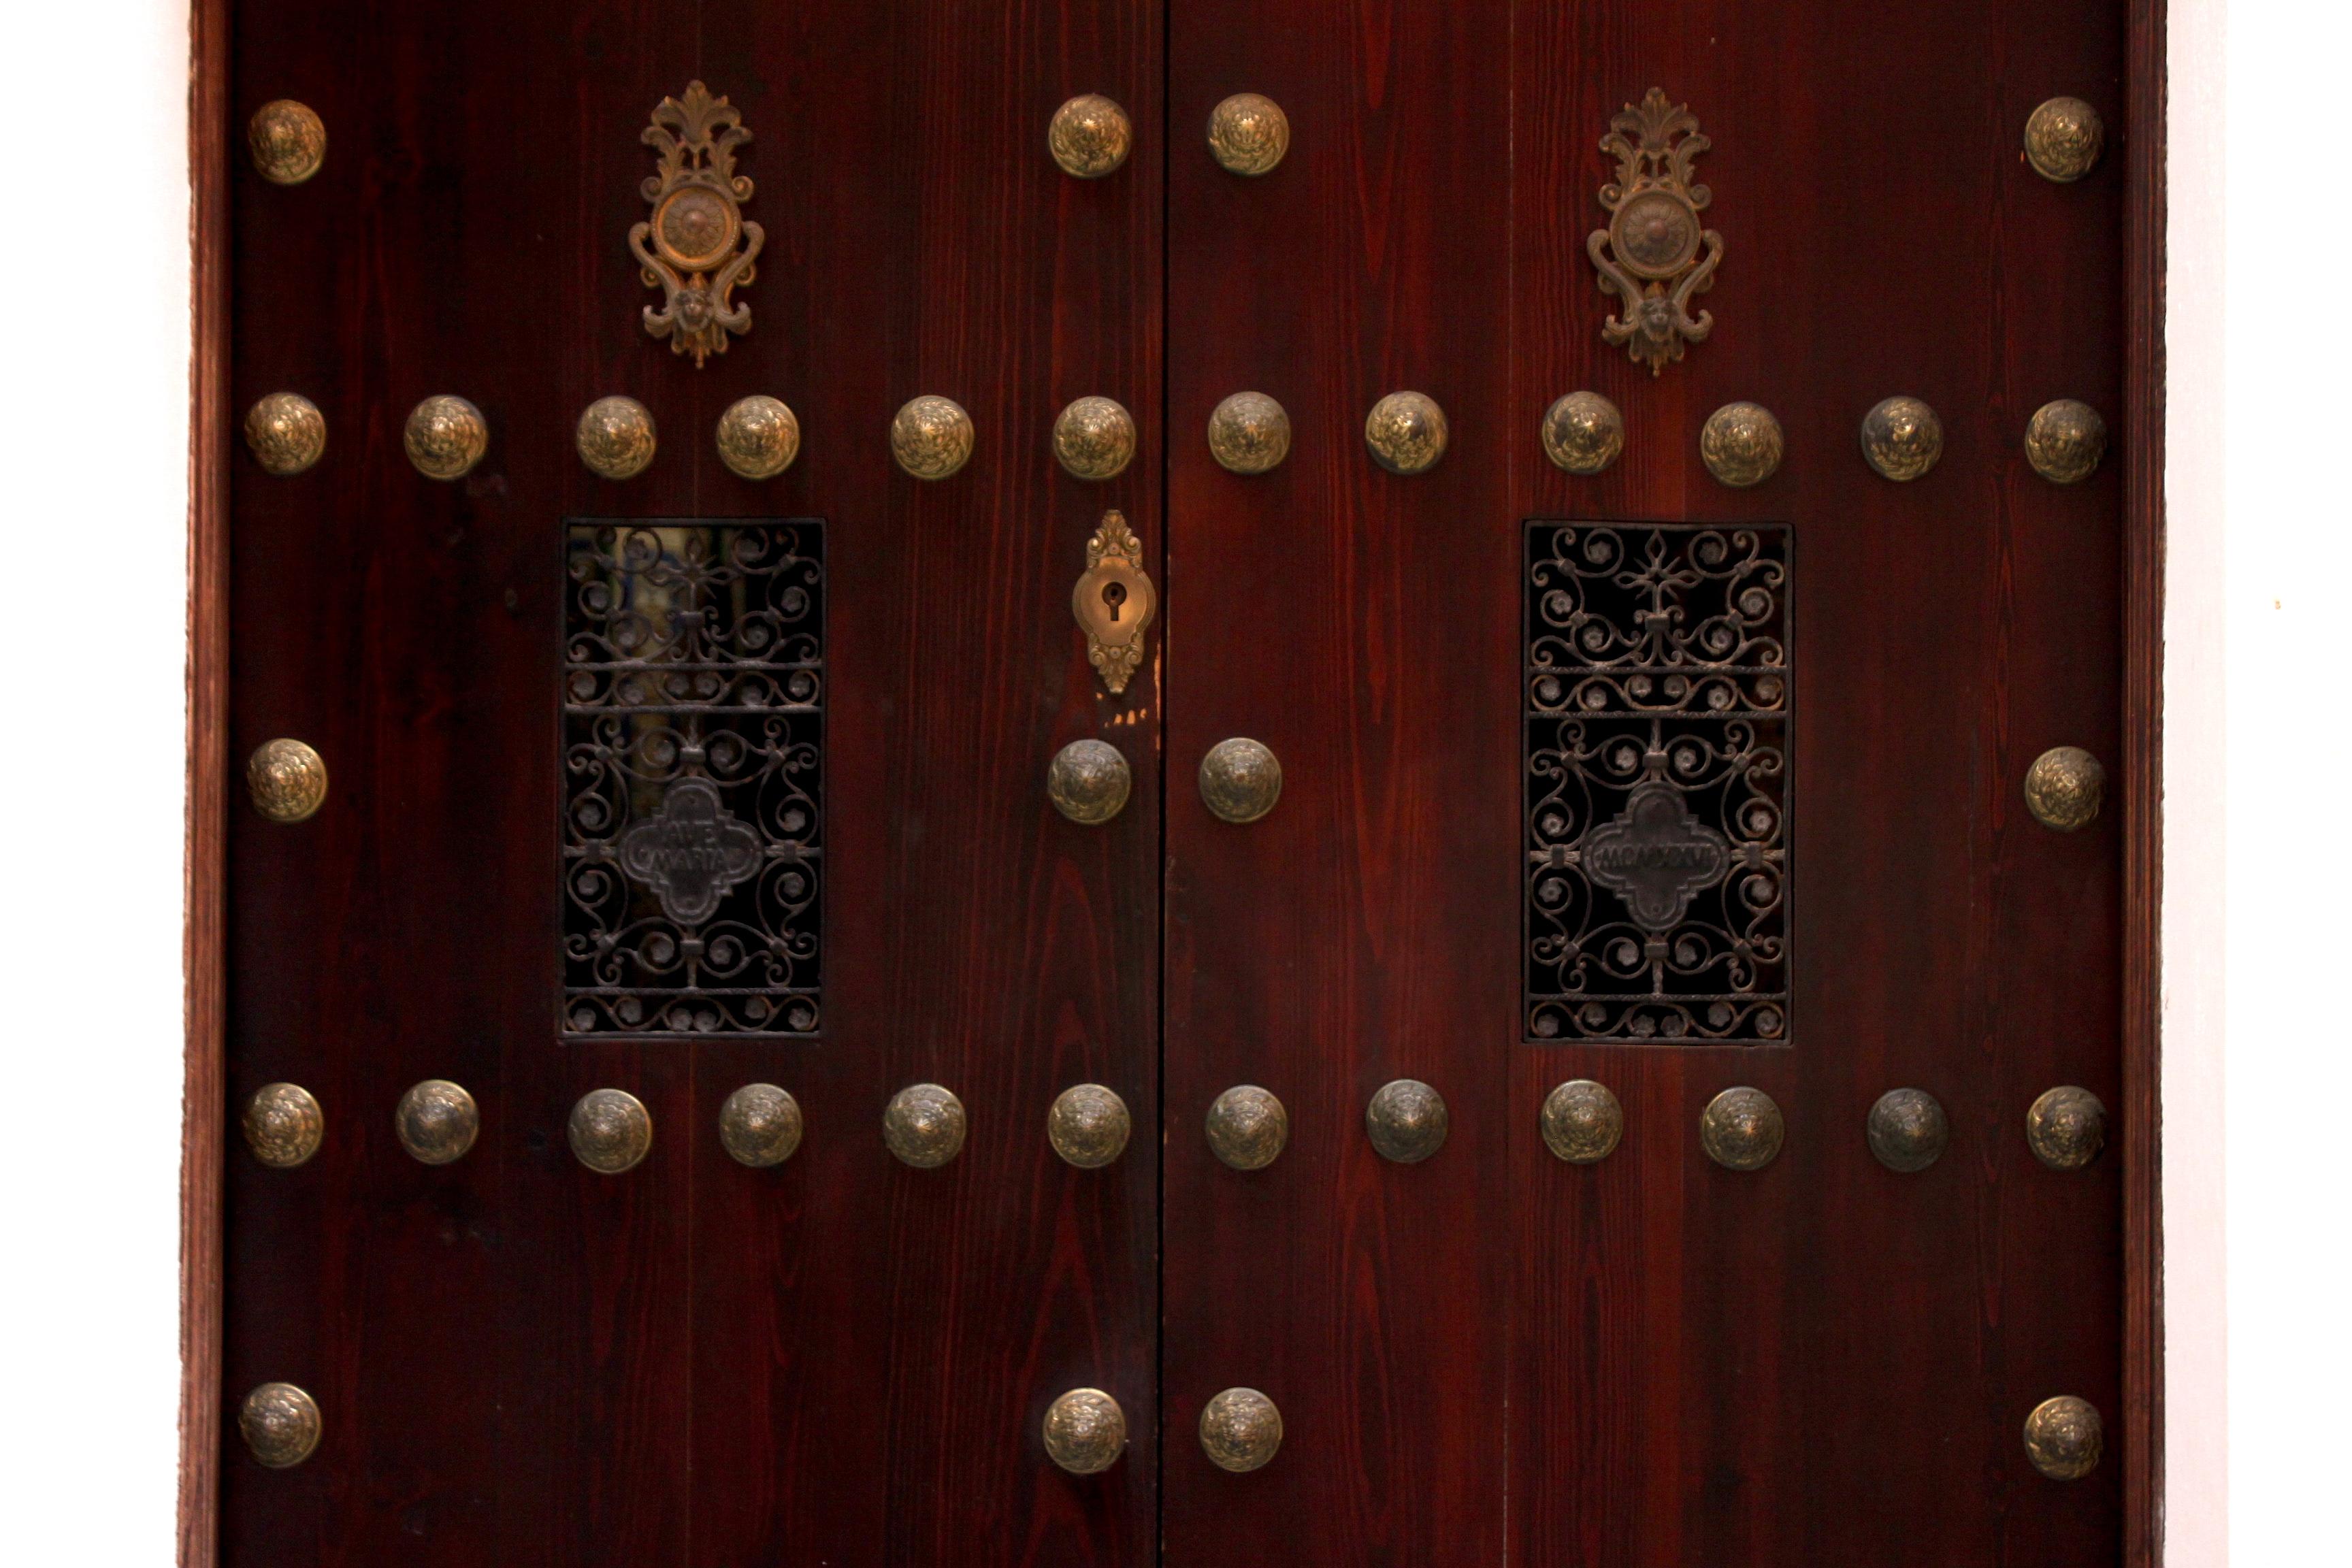 Come ci sarà finita una serratura così piccola in una porta così imponente?